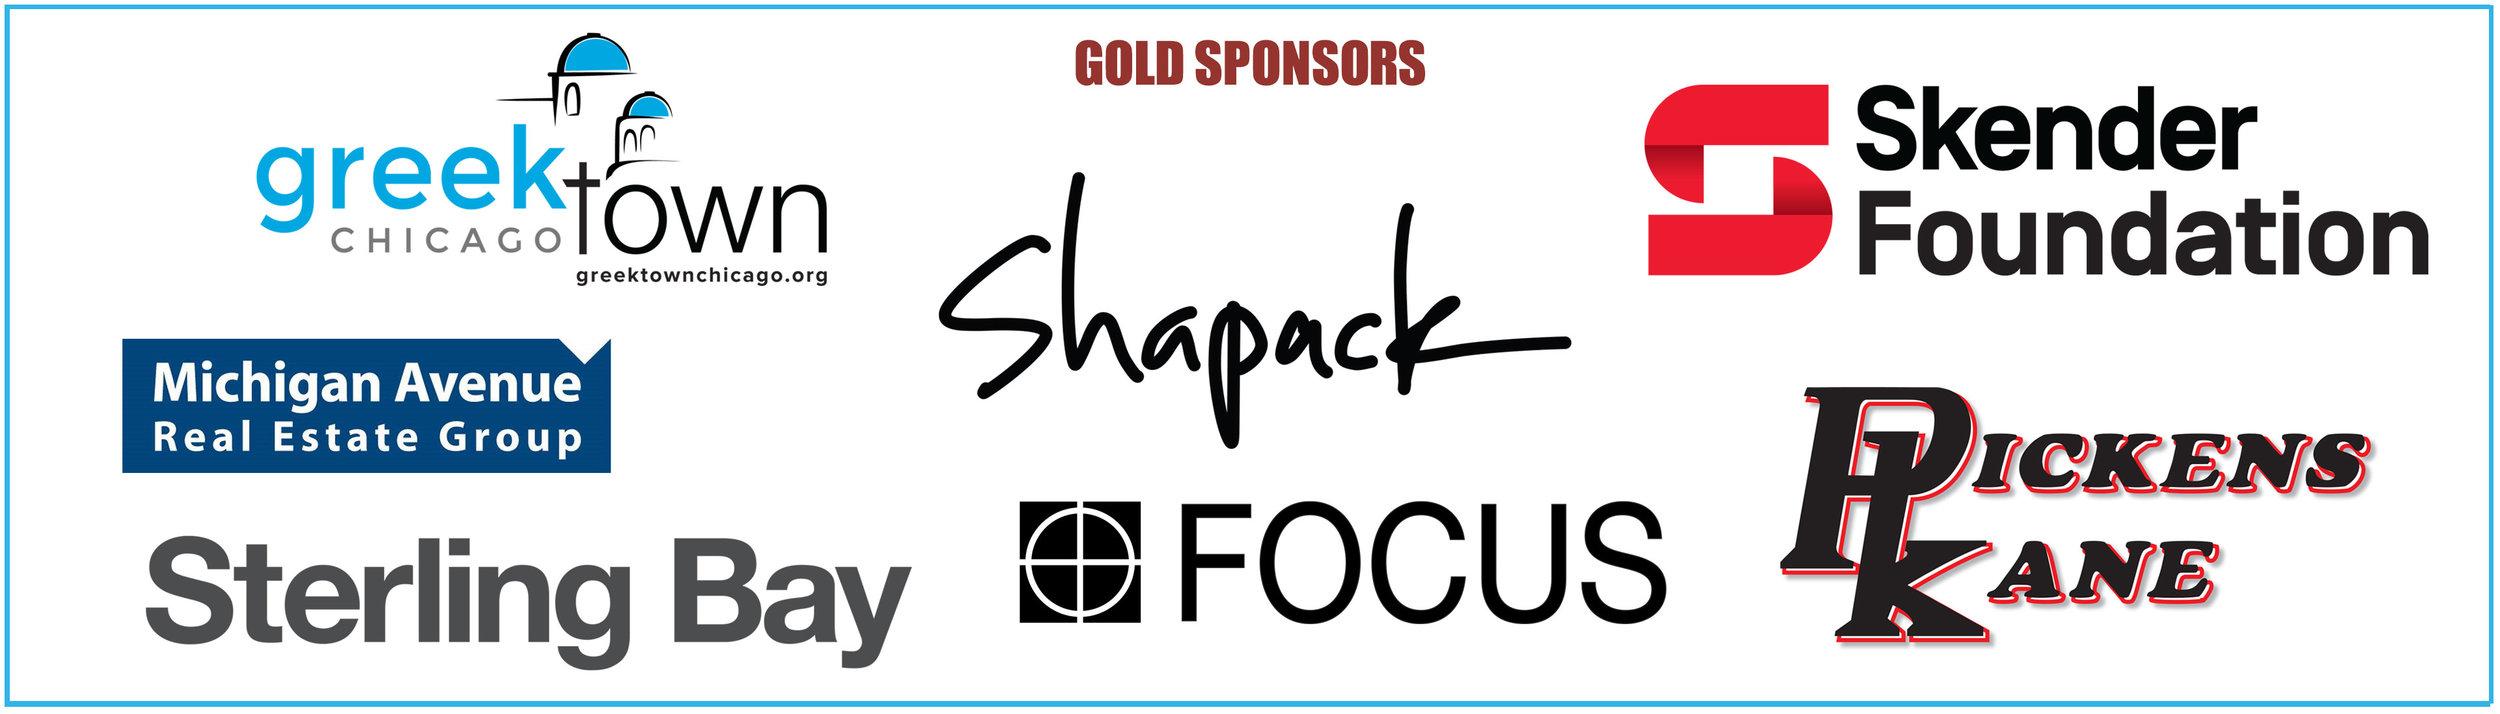 sponsors-gold-2.jpg